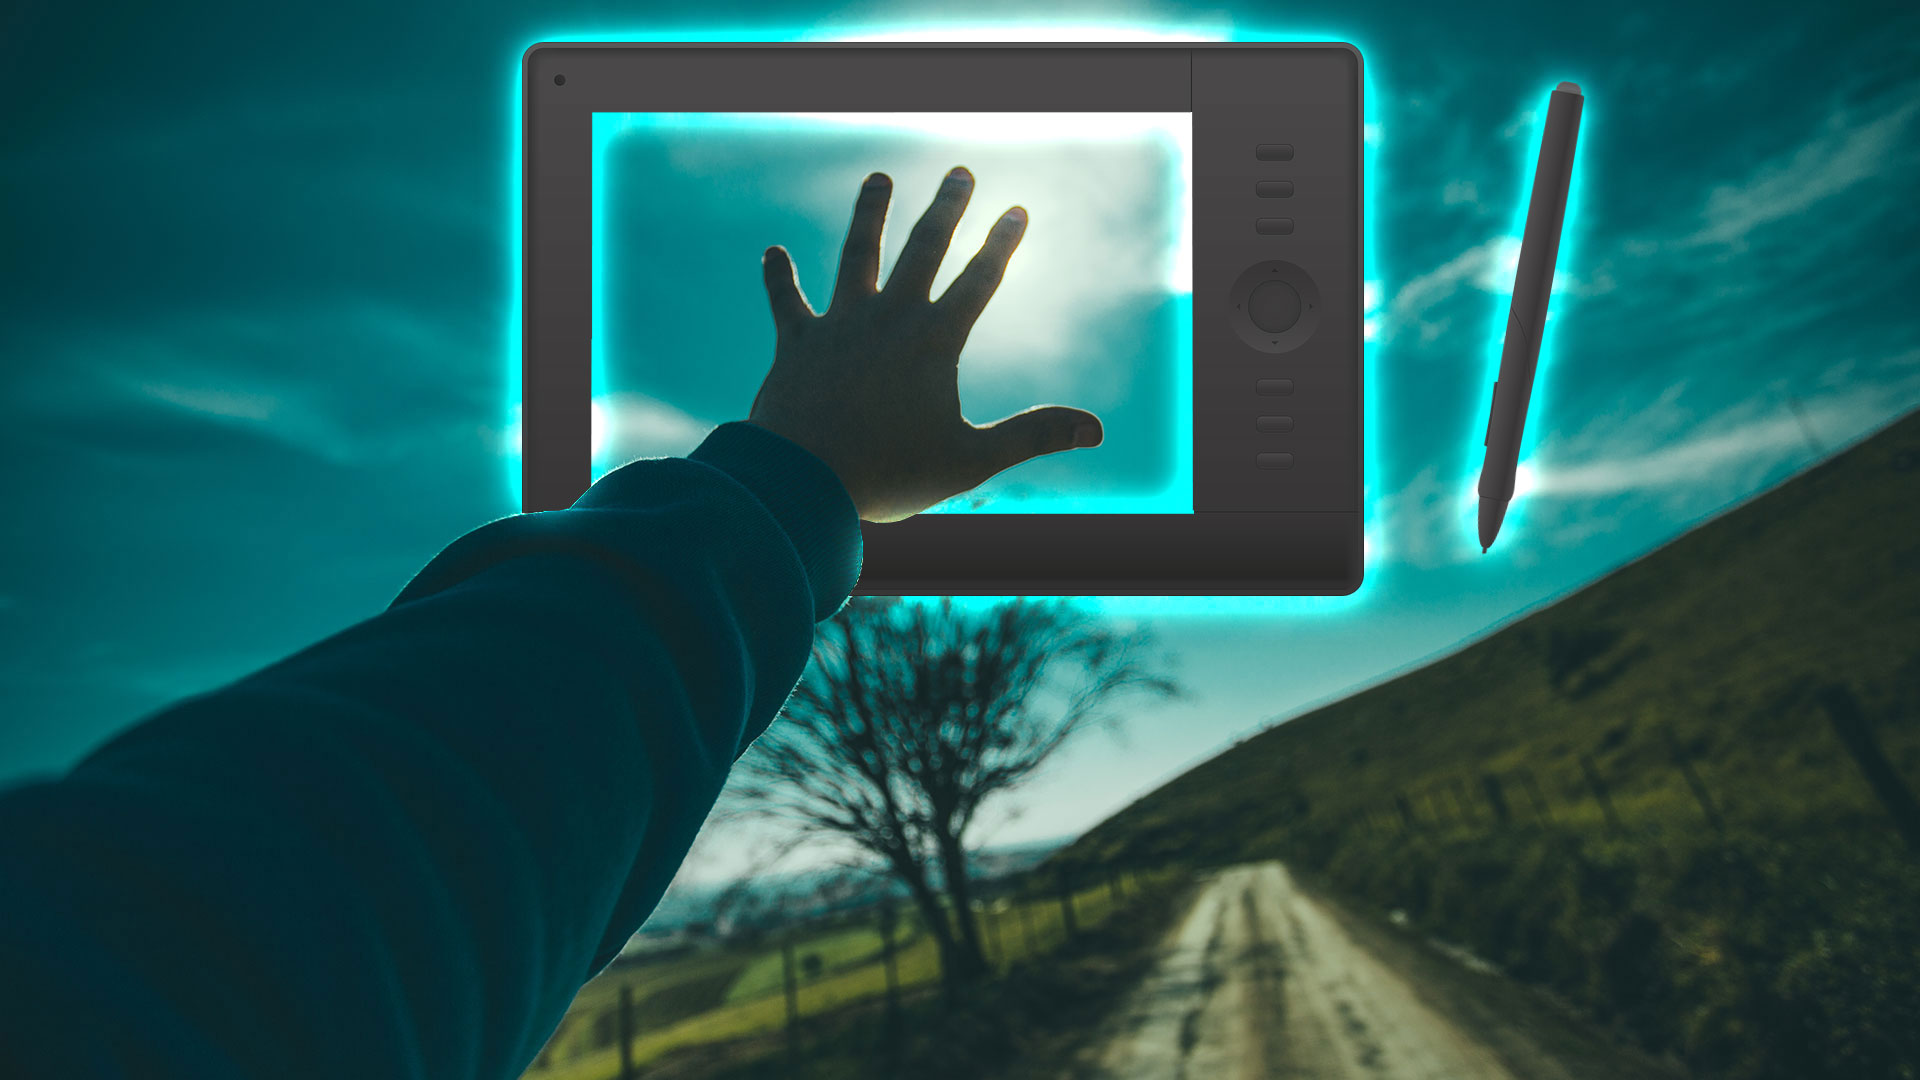 Онлайн курс фотошоп планшет 1920х1080 часть 3, Adobe Photoshop